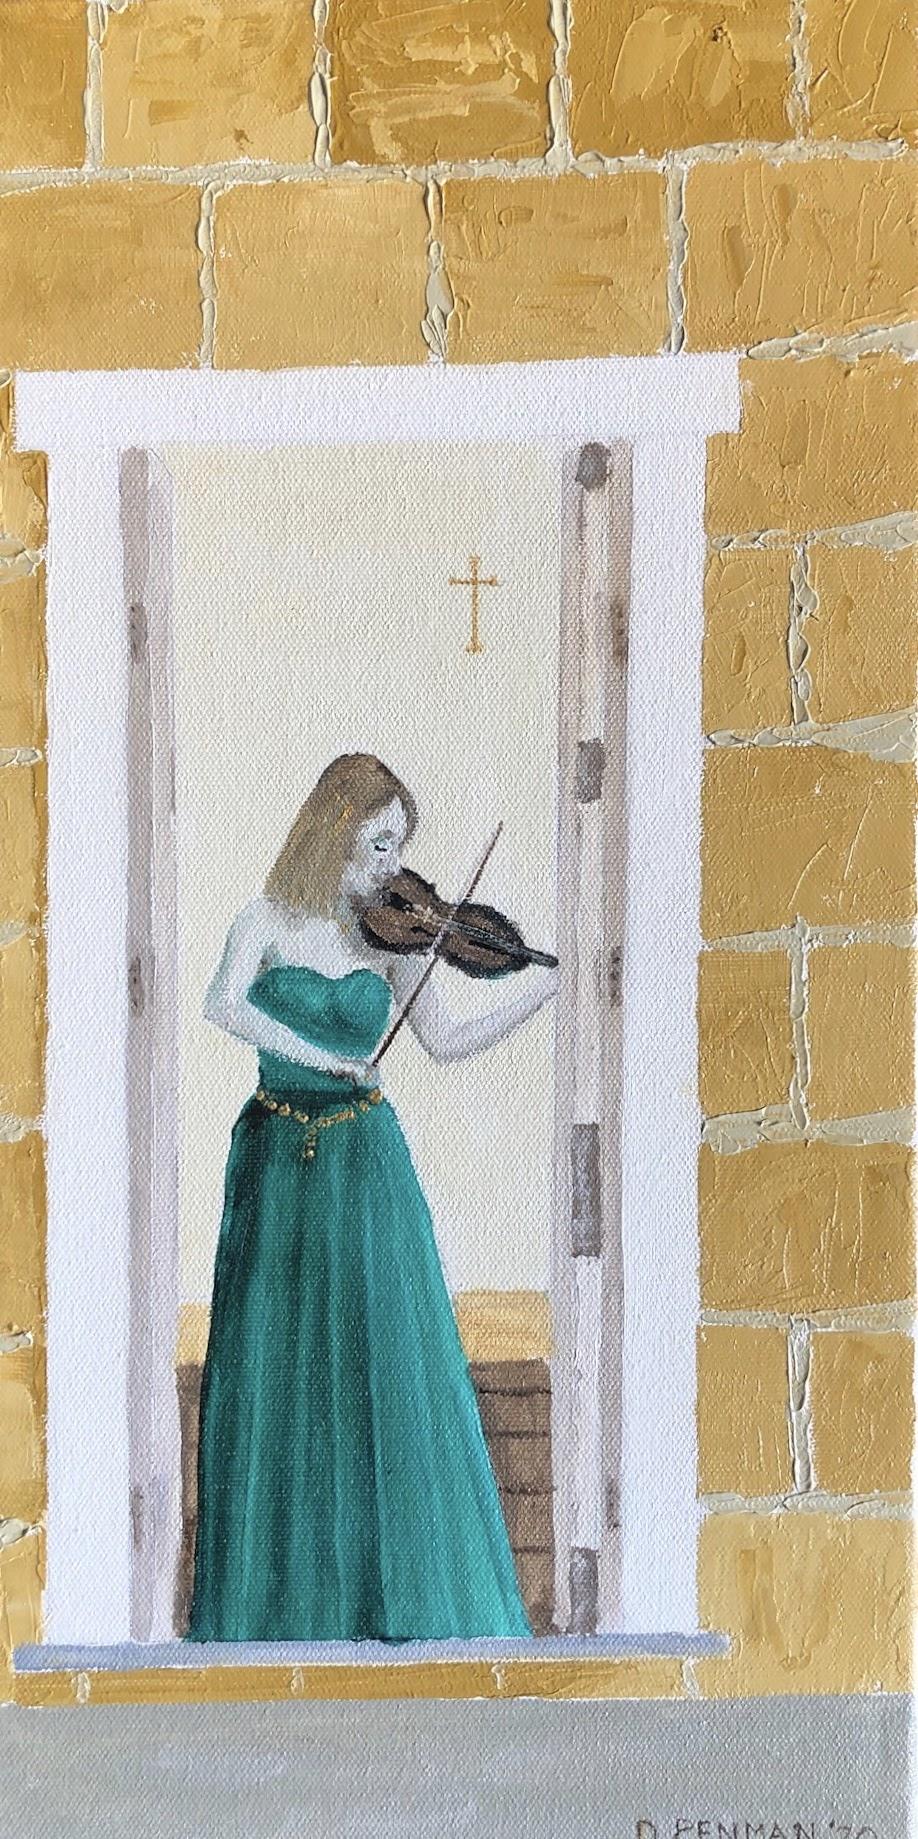 Solitary Violinist, Tasmania